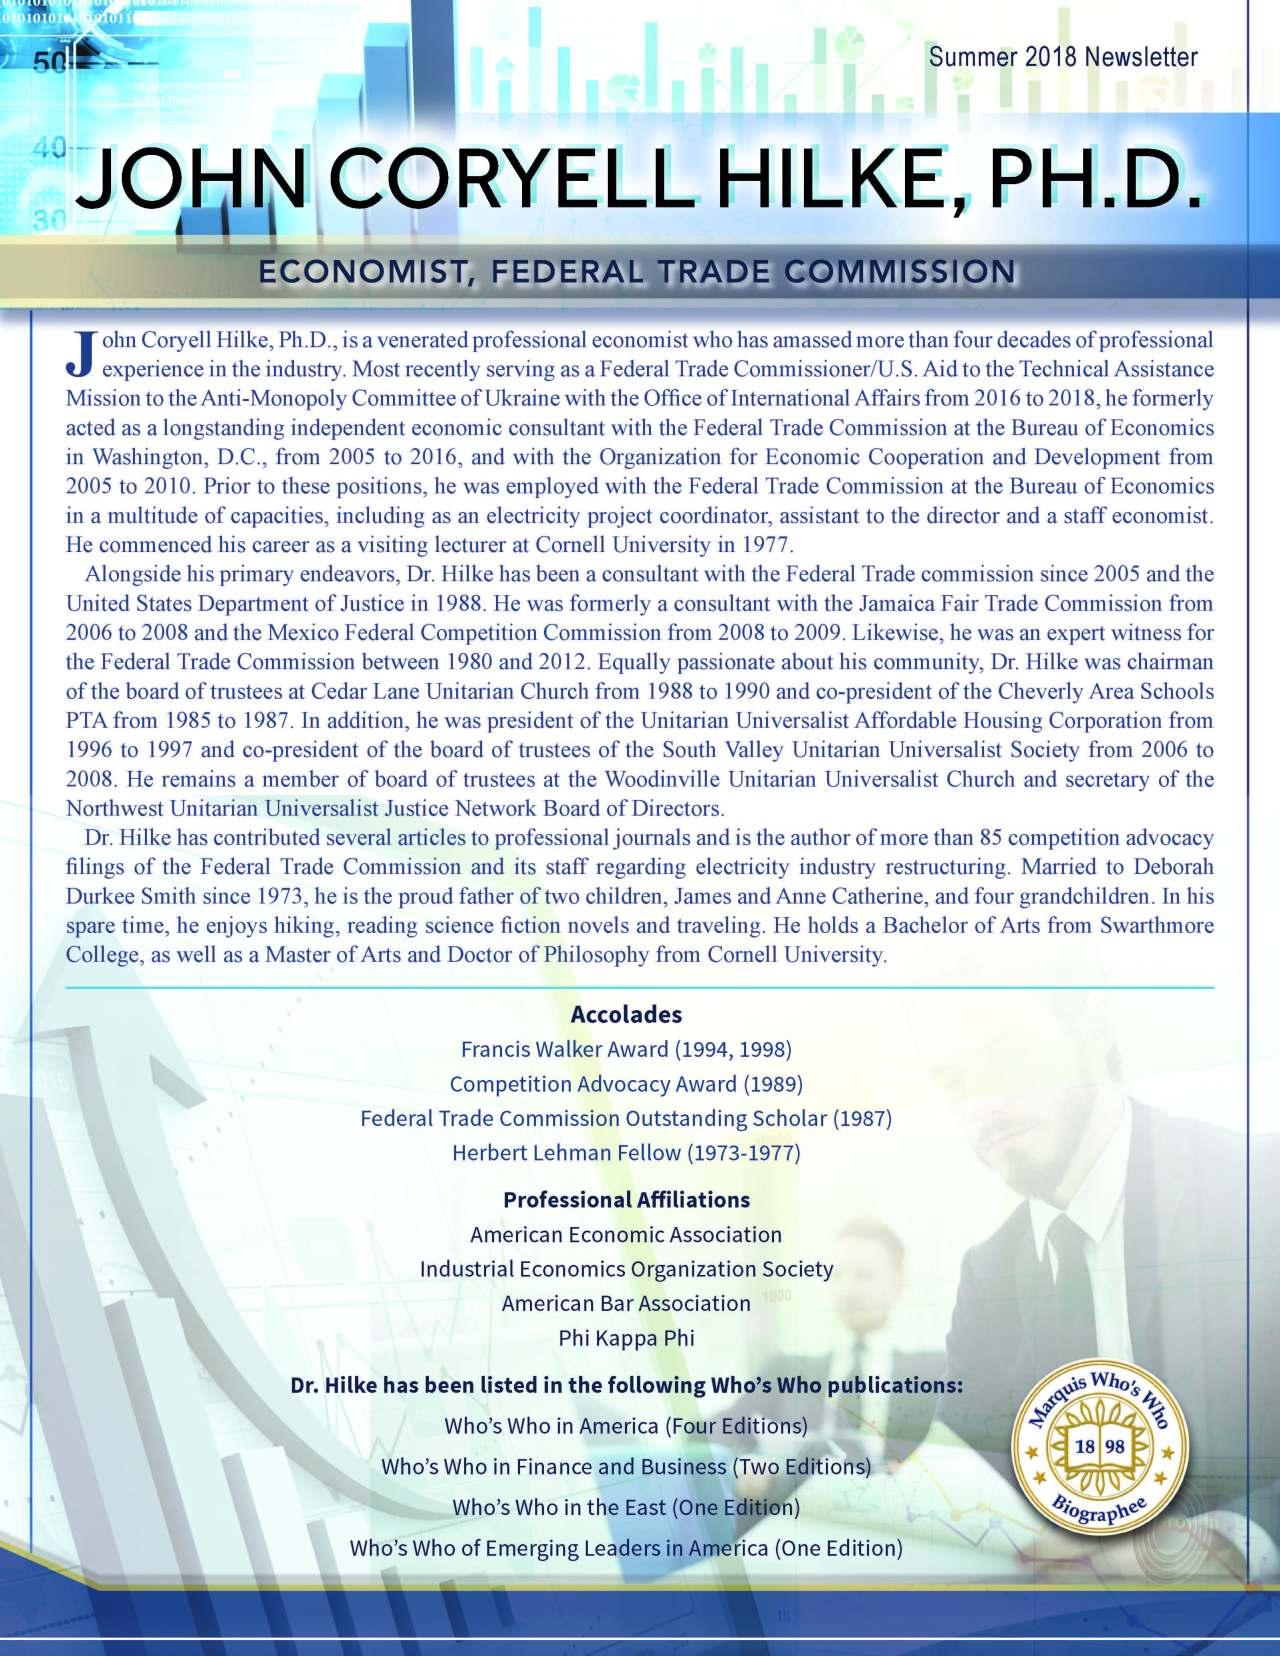 Hilke, John 3951454_18377044 Newsletter.jpg